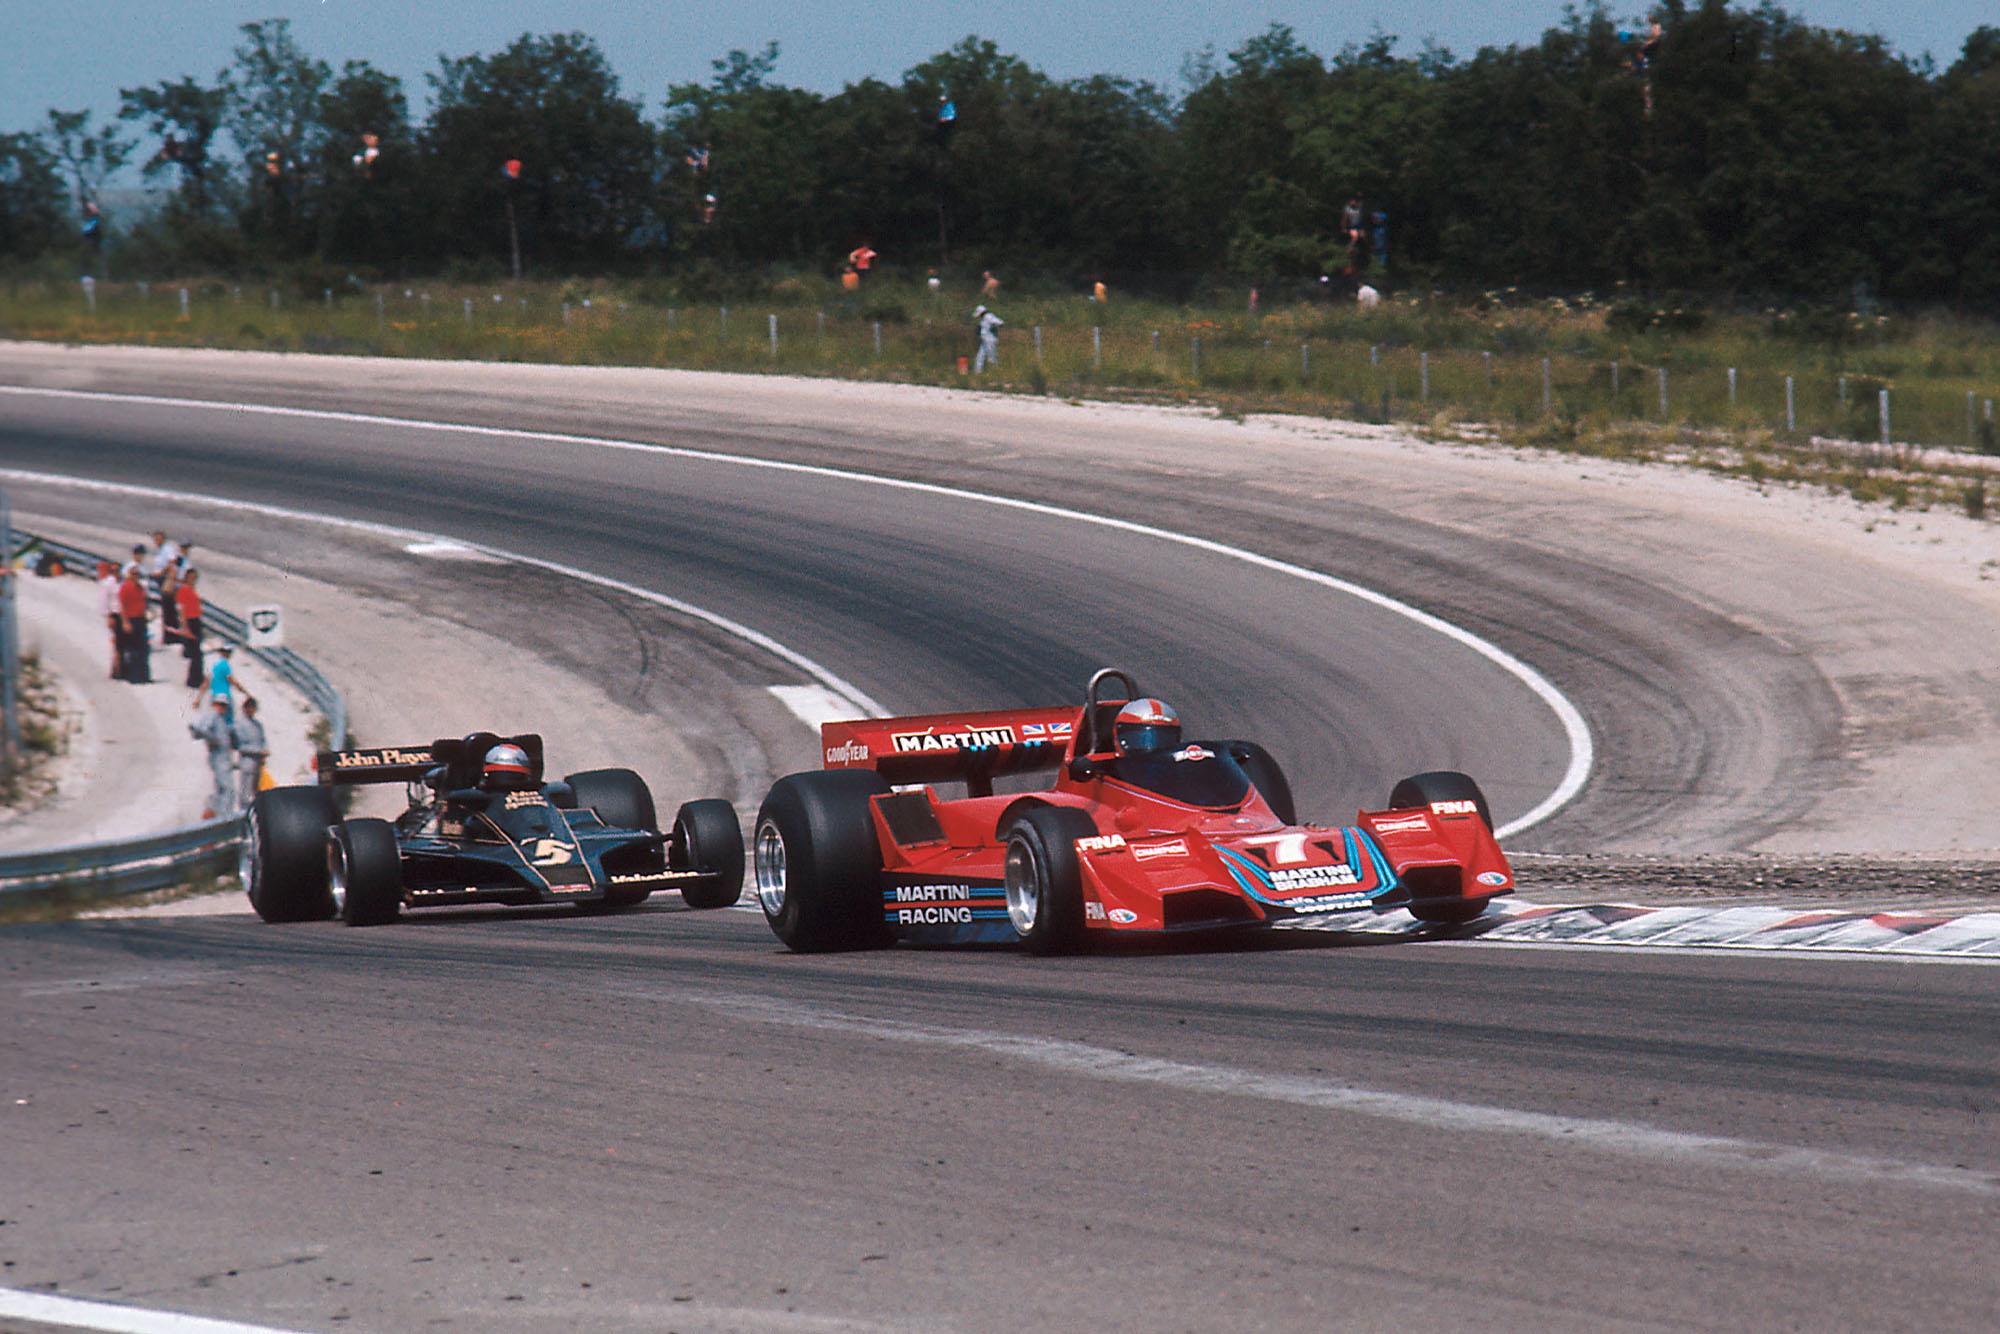 John Watson (Brabham) leads Mario Andretti (Lotus).